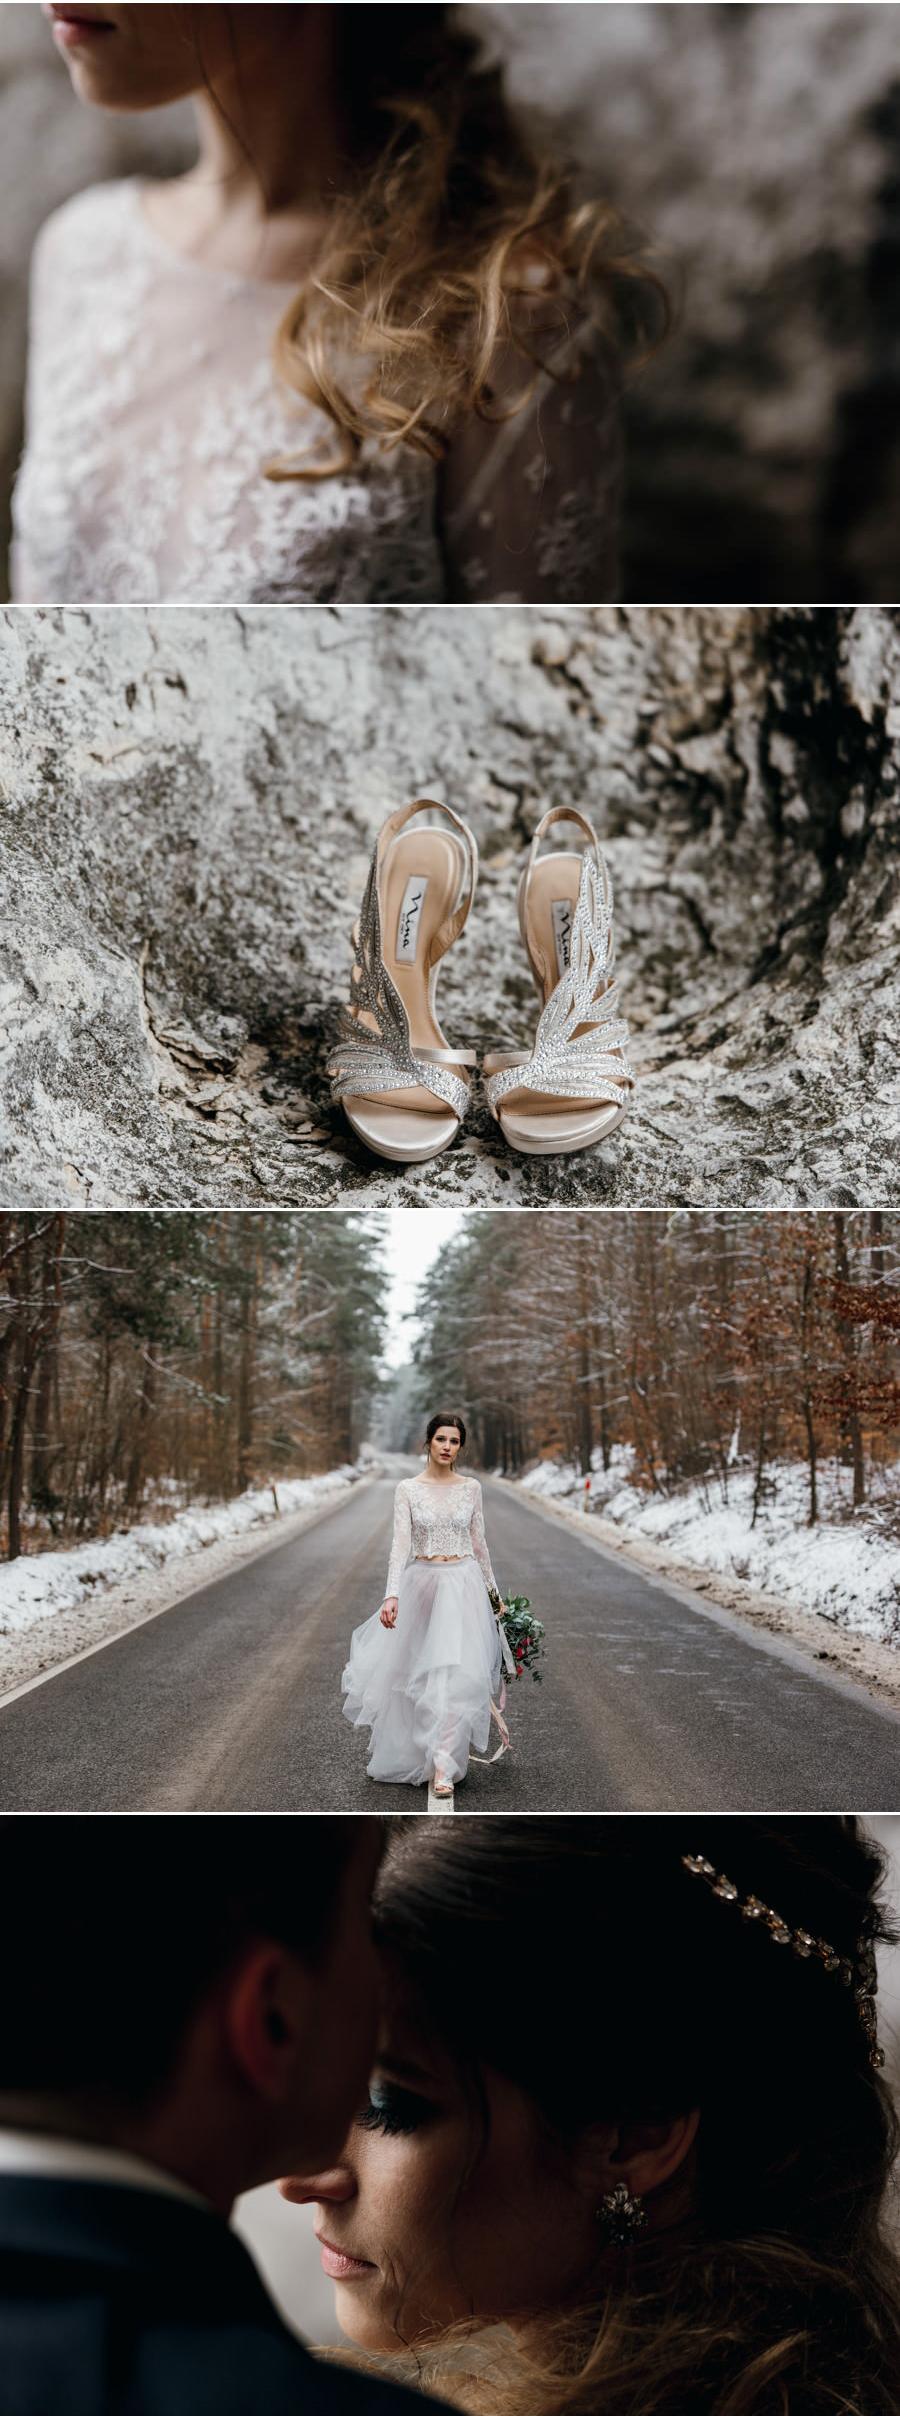 Suknia ślubna Sylwii Kopczyńskiej. Najpiękniejsze suknie ślubne wKrakowie Bellovelo.